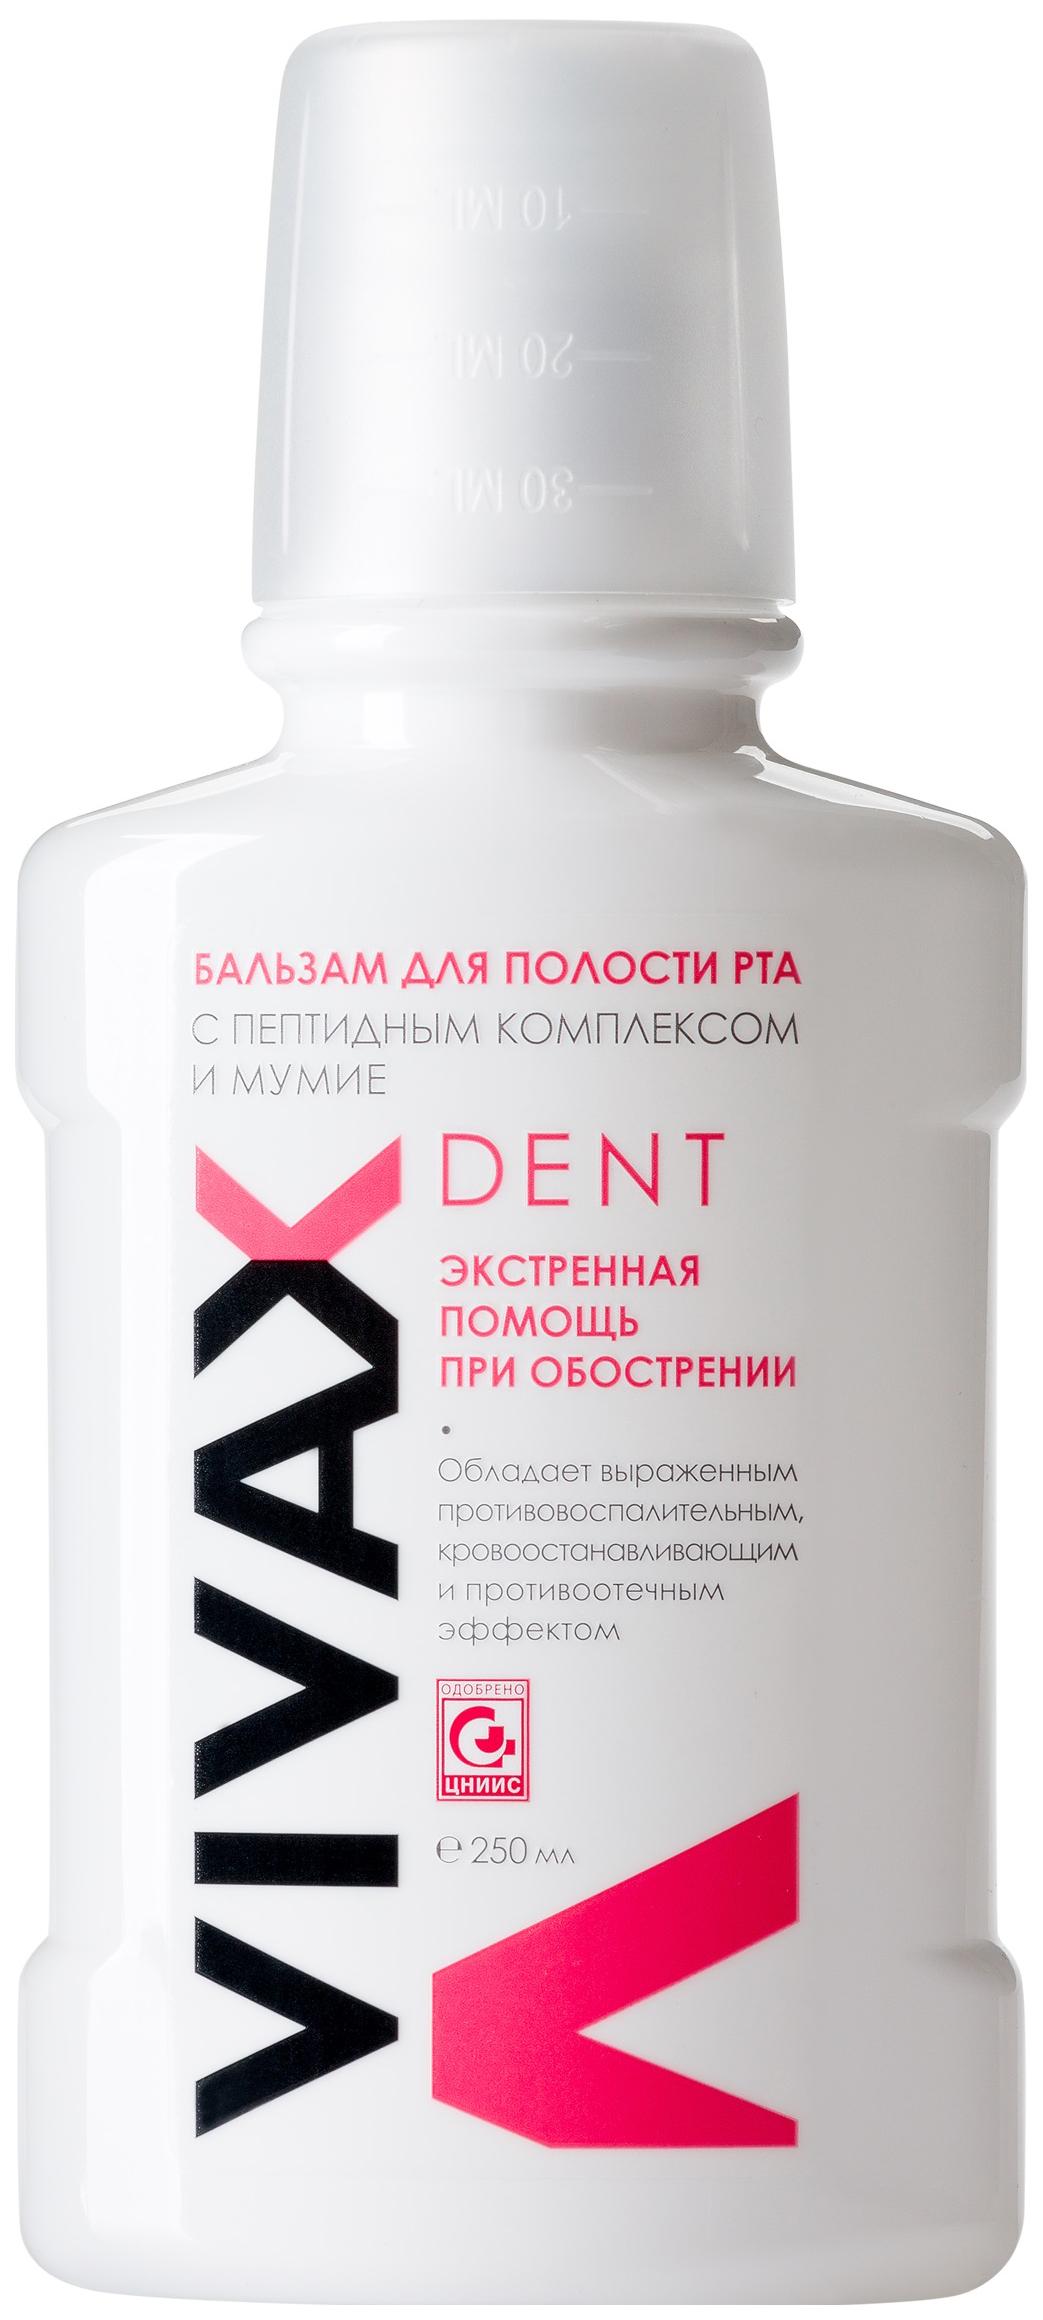 Купить Dent С пептидным комплексом и мумие, Противовоспалительный бальзам Vivax Dent пептидный комплекс, мумие для полости рта 250 мл